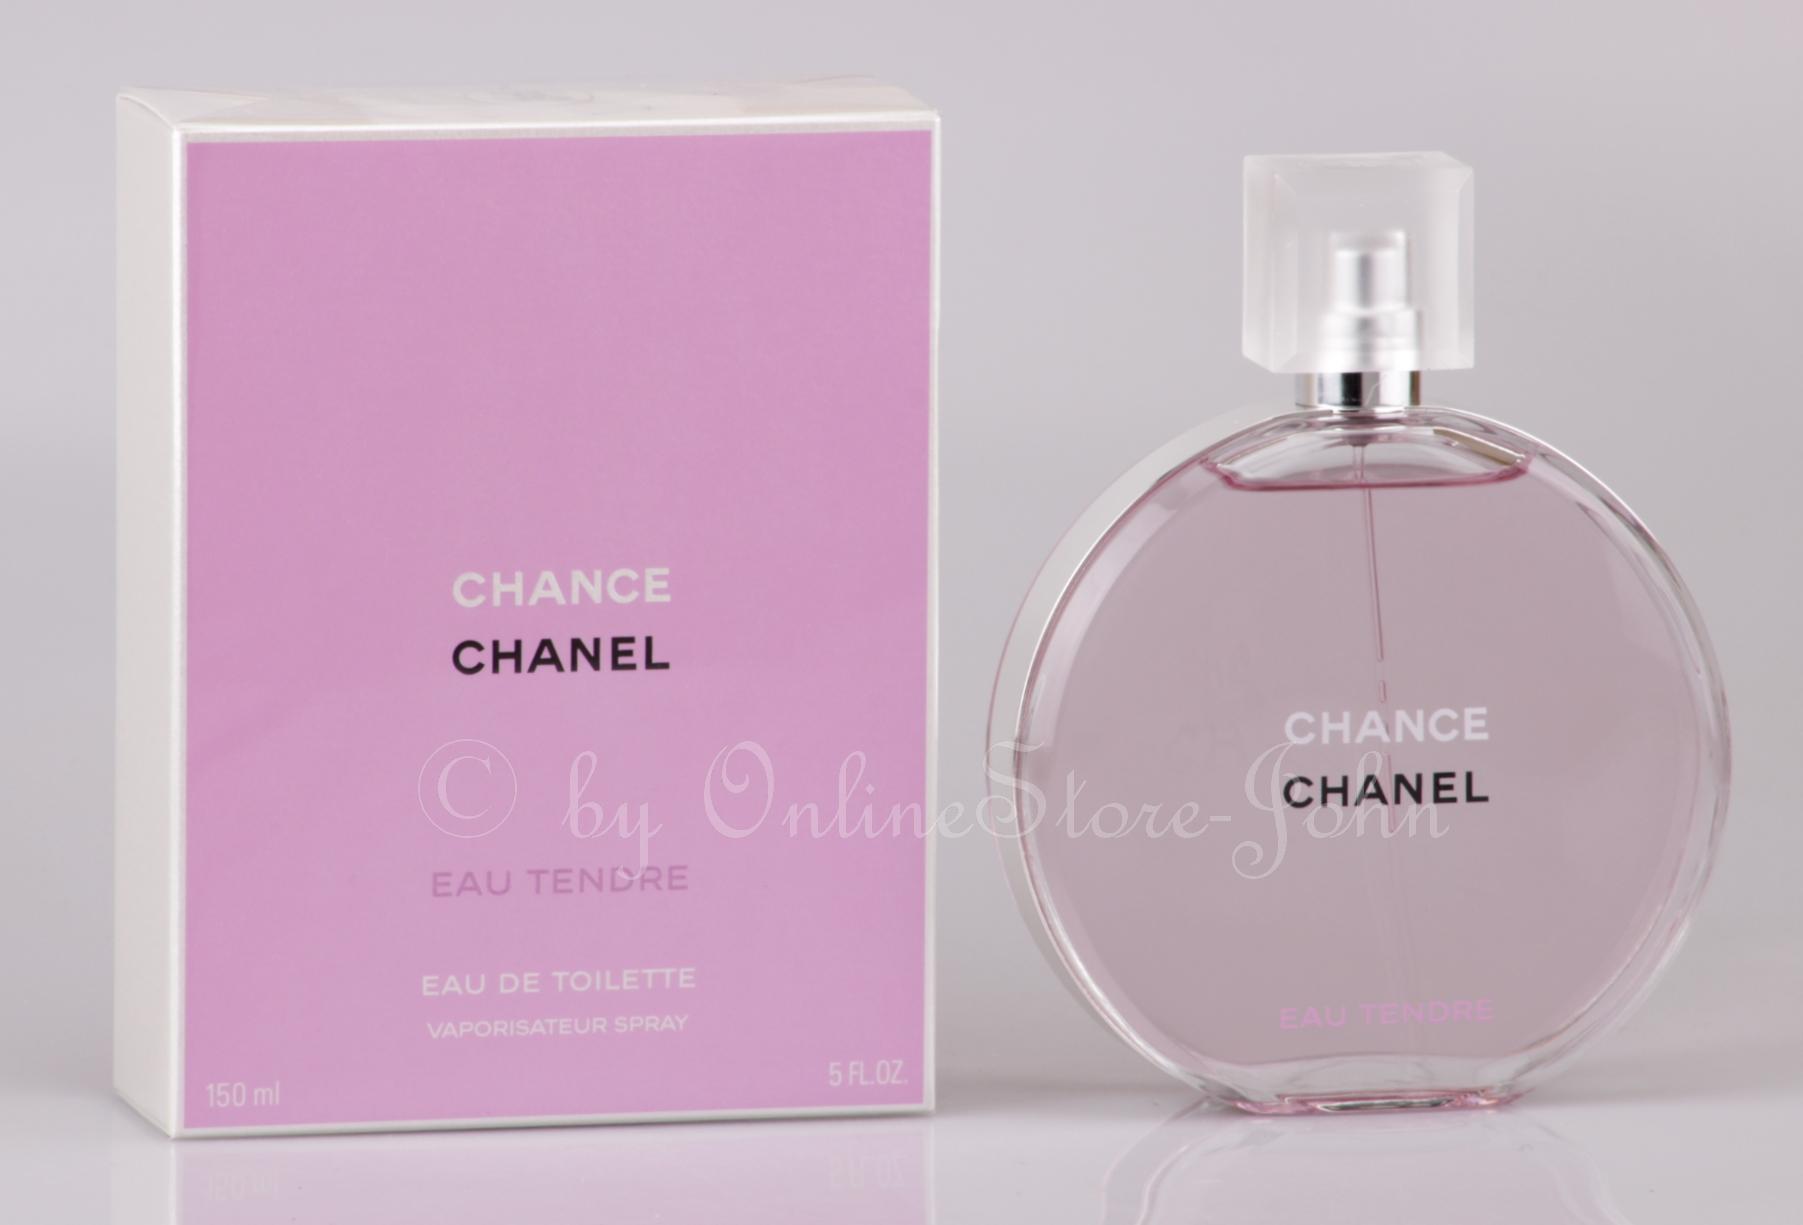 3263fbebf6d95 Chanel - Chance Eau Tendre - 150ml EDT Eau de Toilette